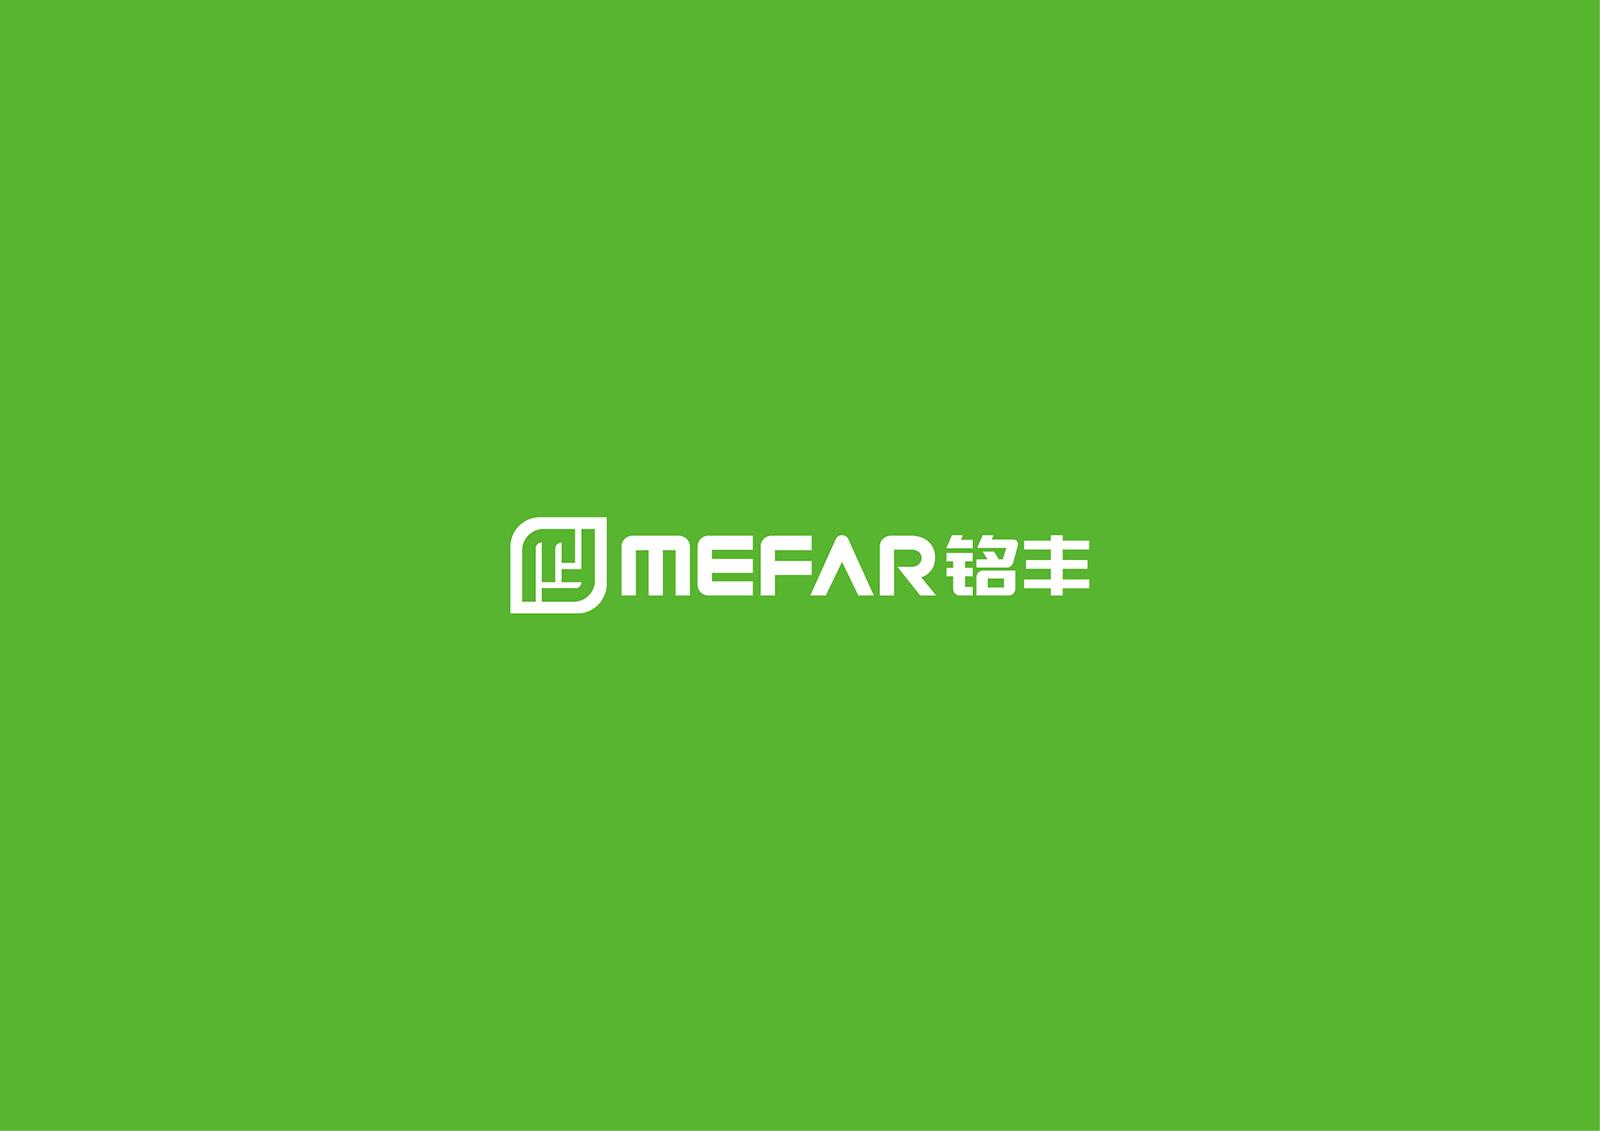 MEFAR铭丰包装品牌形象设计优化提升-深圳VI设计3